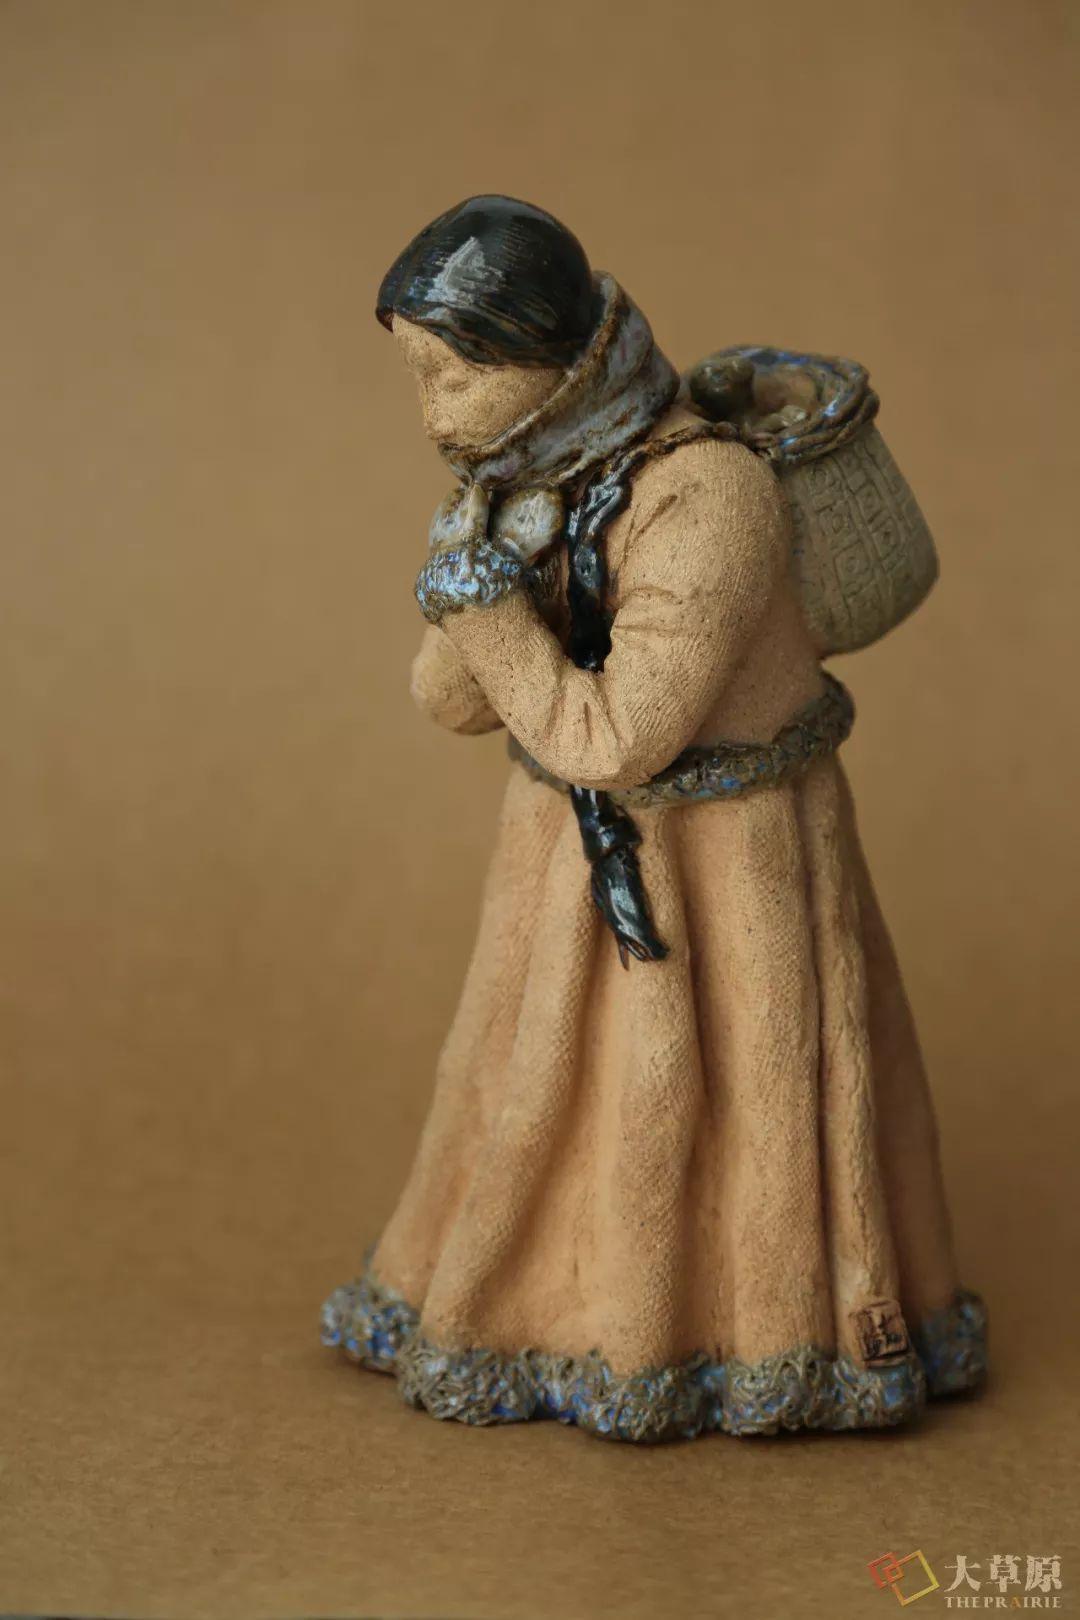 没有草稿一次成型,追求工匠精神的她将生命的活力注入蒙古特色陶艺作品中 第9张